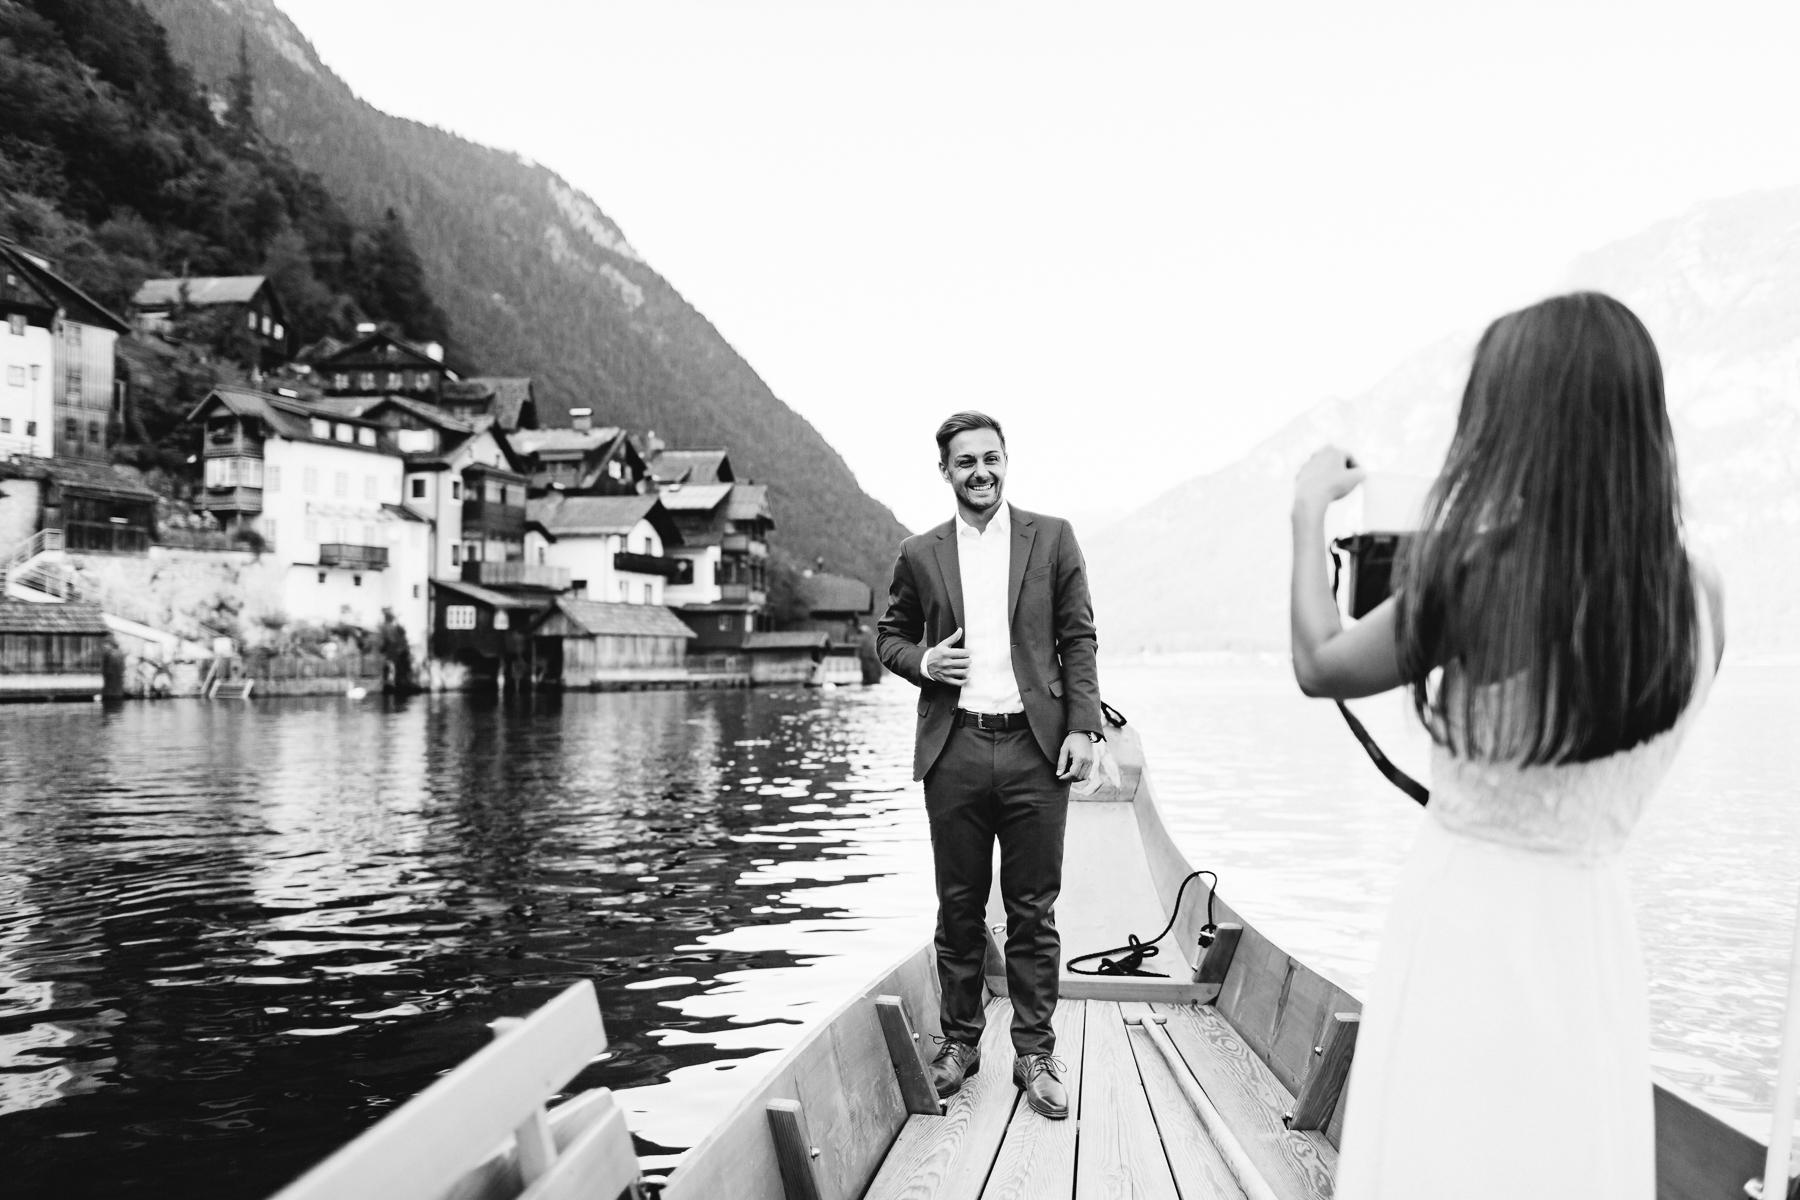 hallstatt-austria-wedding-photographer-emily-kirke (9 of 25).jpg